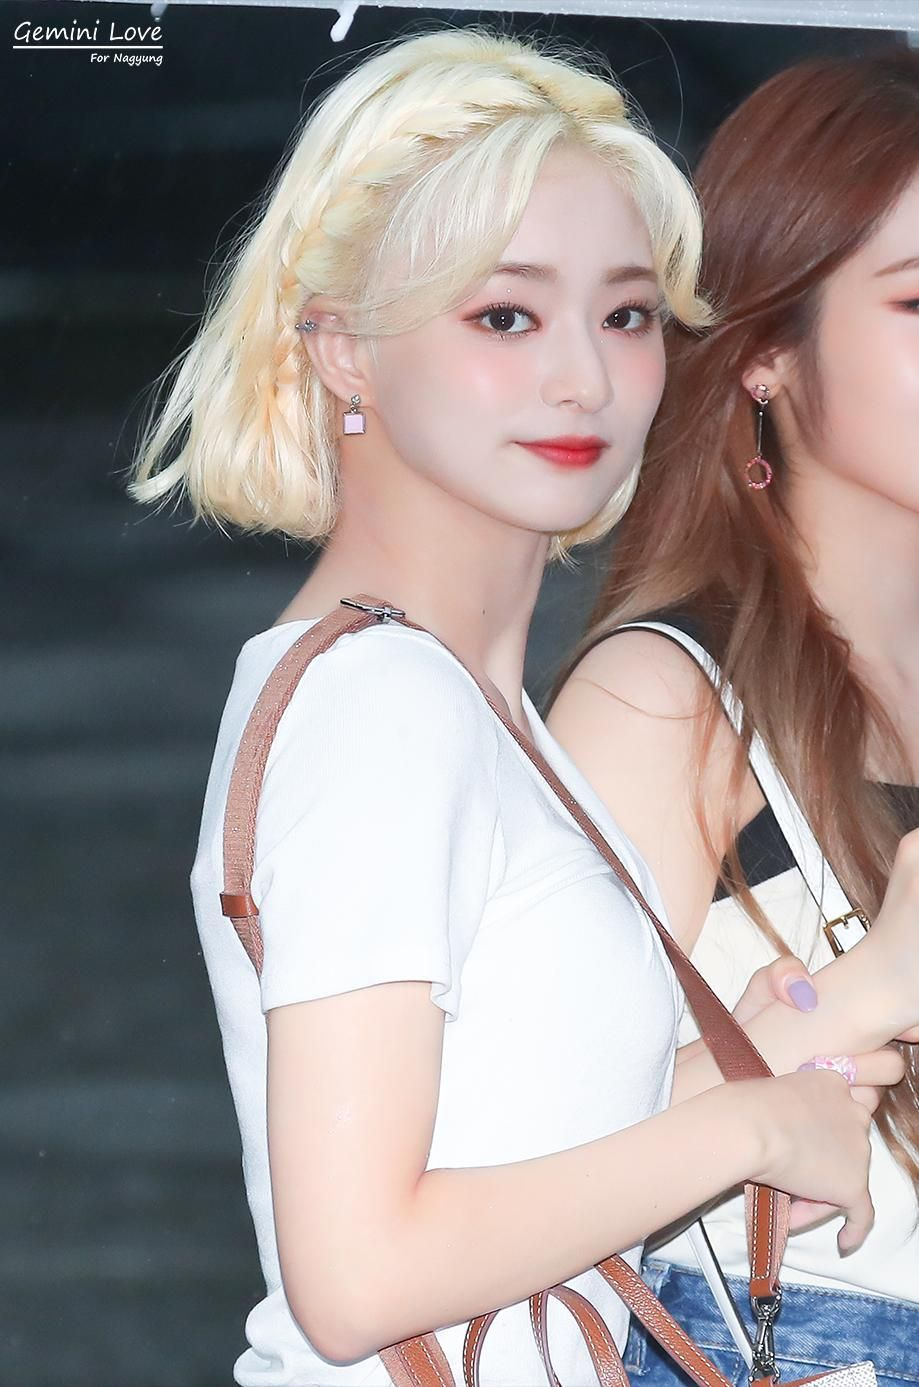 Gemini Love On Twitter Asian Beauty Girl Flower Girl Dresses